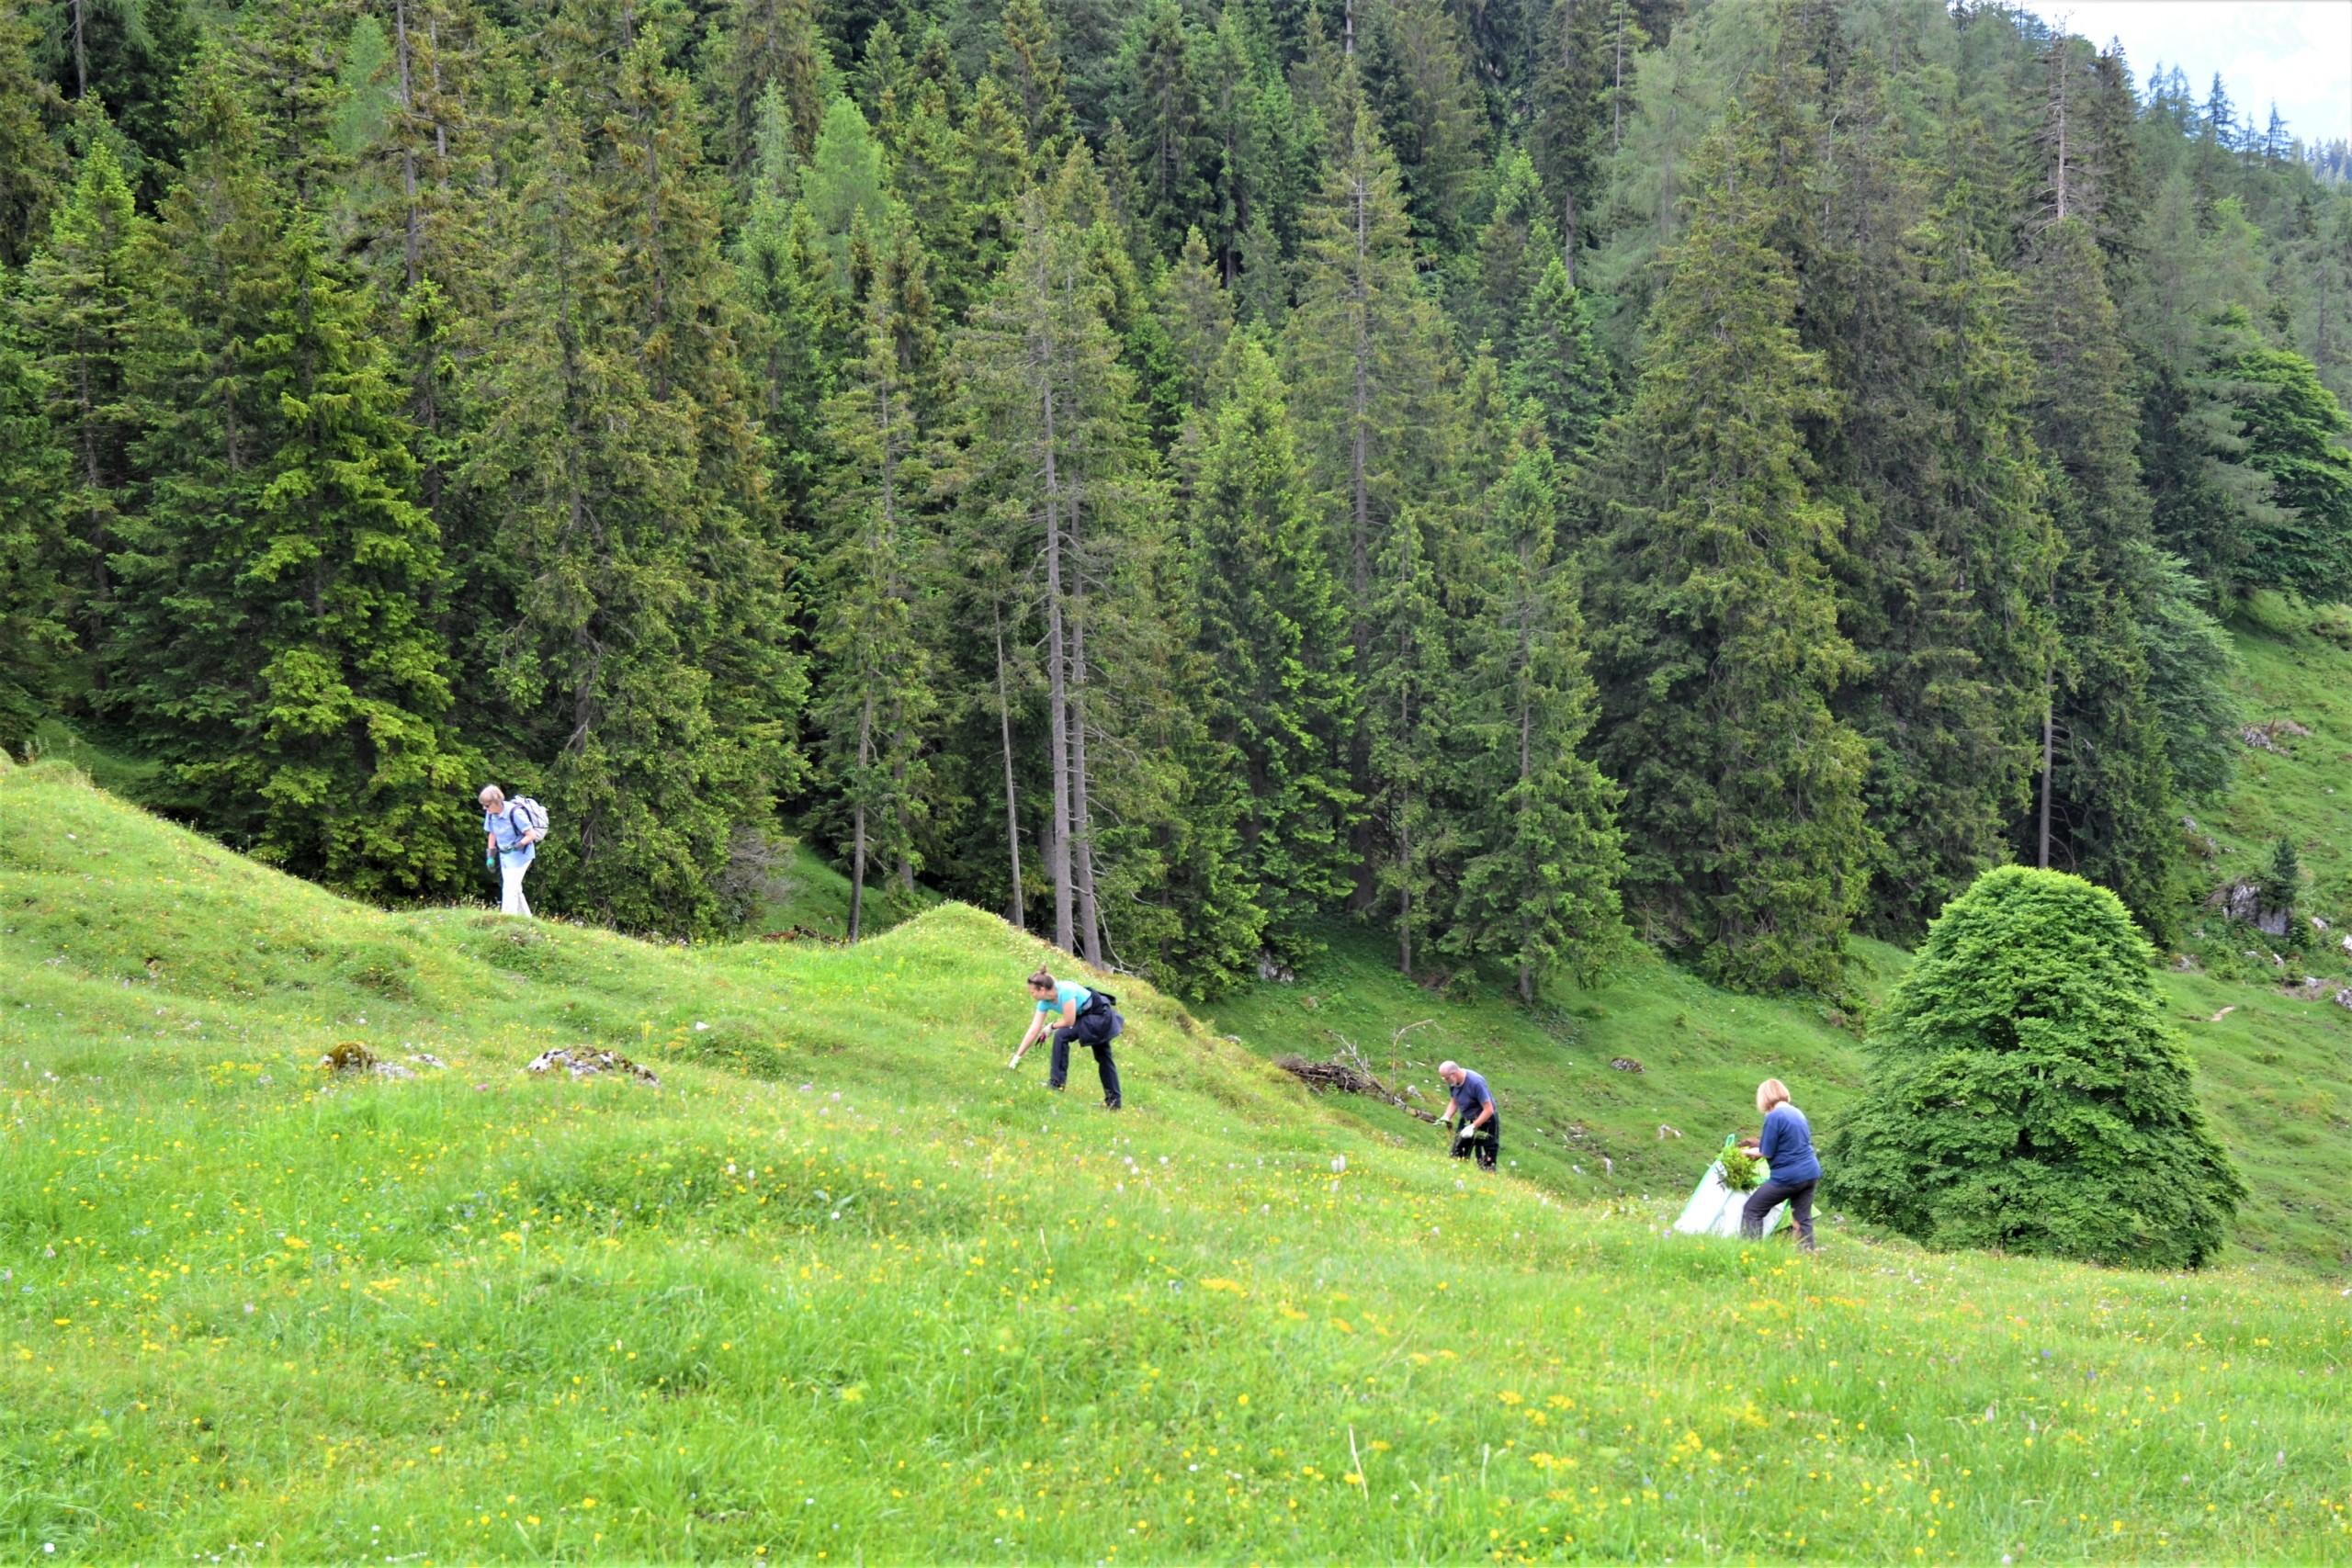 Menschen in gebückter Arbeitshaltung auf Bergwiese mit Wald im Hintergrund